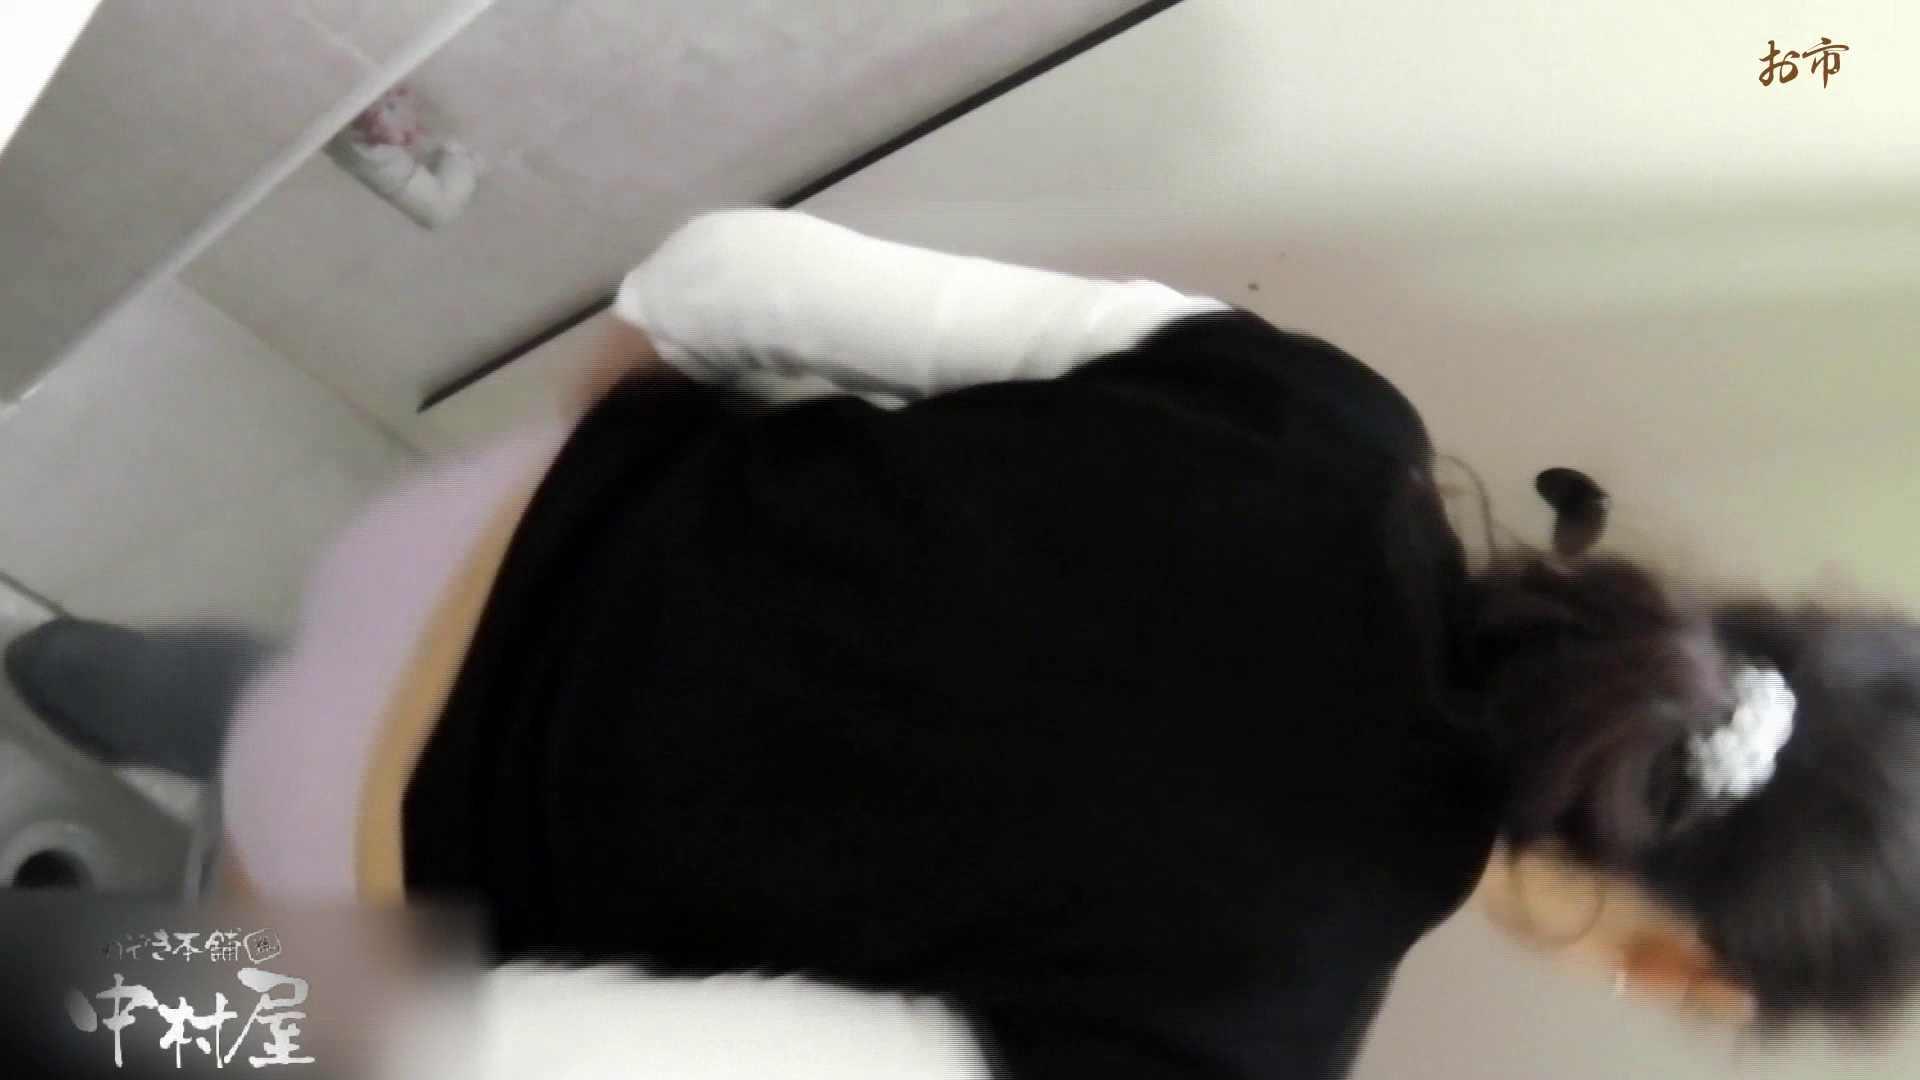 お市さんの「お尻丸出しジャンボリー」No.17 黒人 ワレメ無修正動画無料 28連発 23